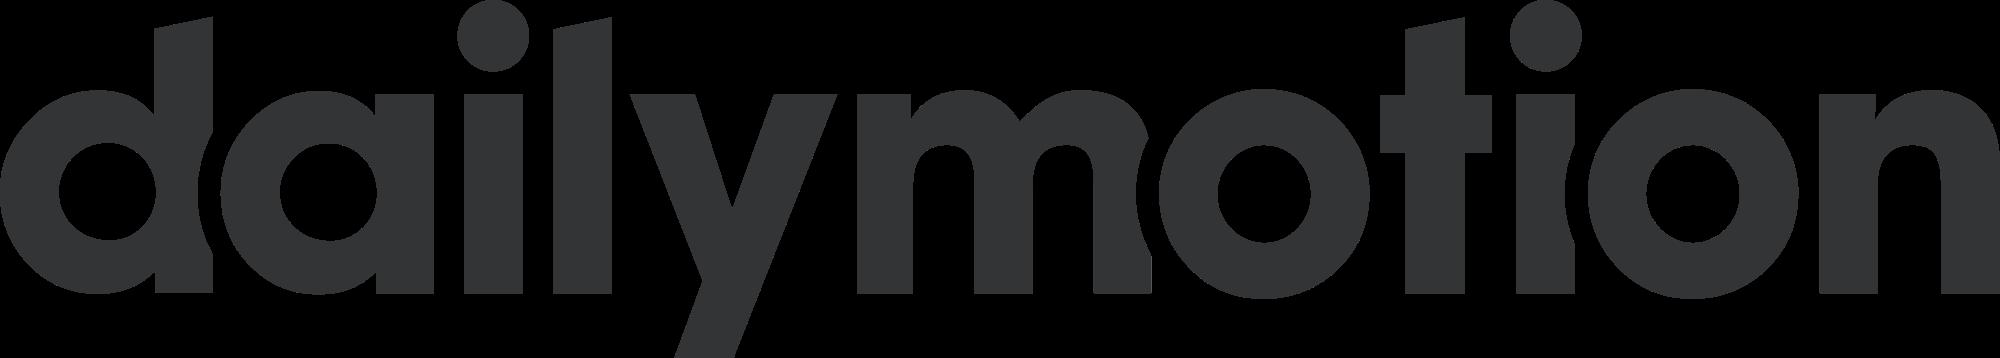 Dailymotion Logo PNG - 39111